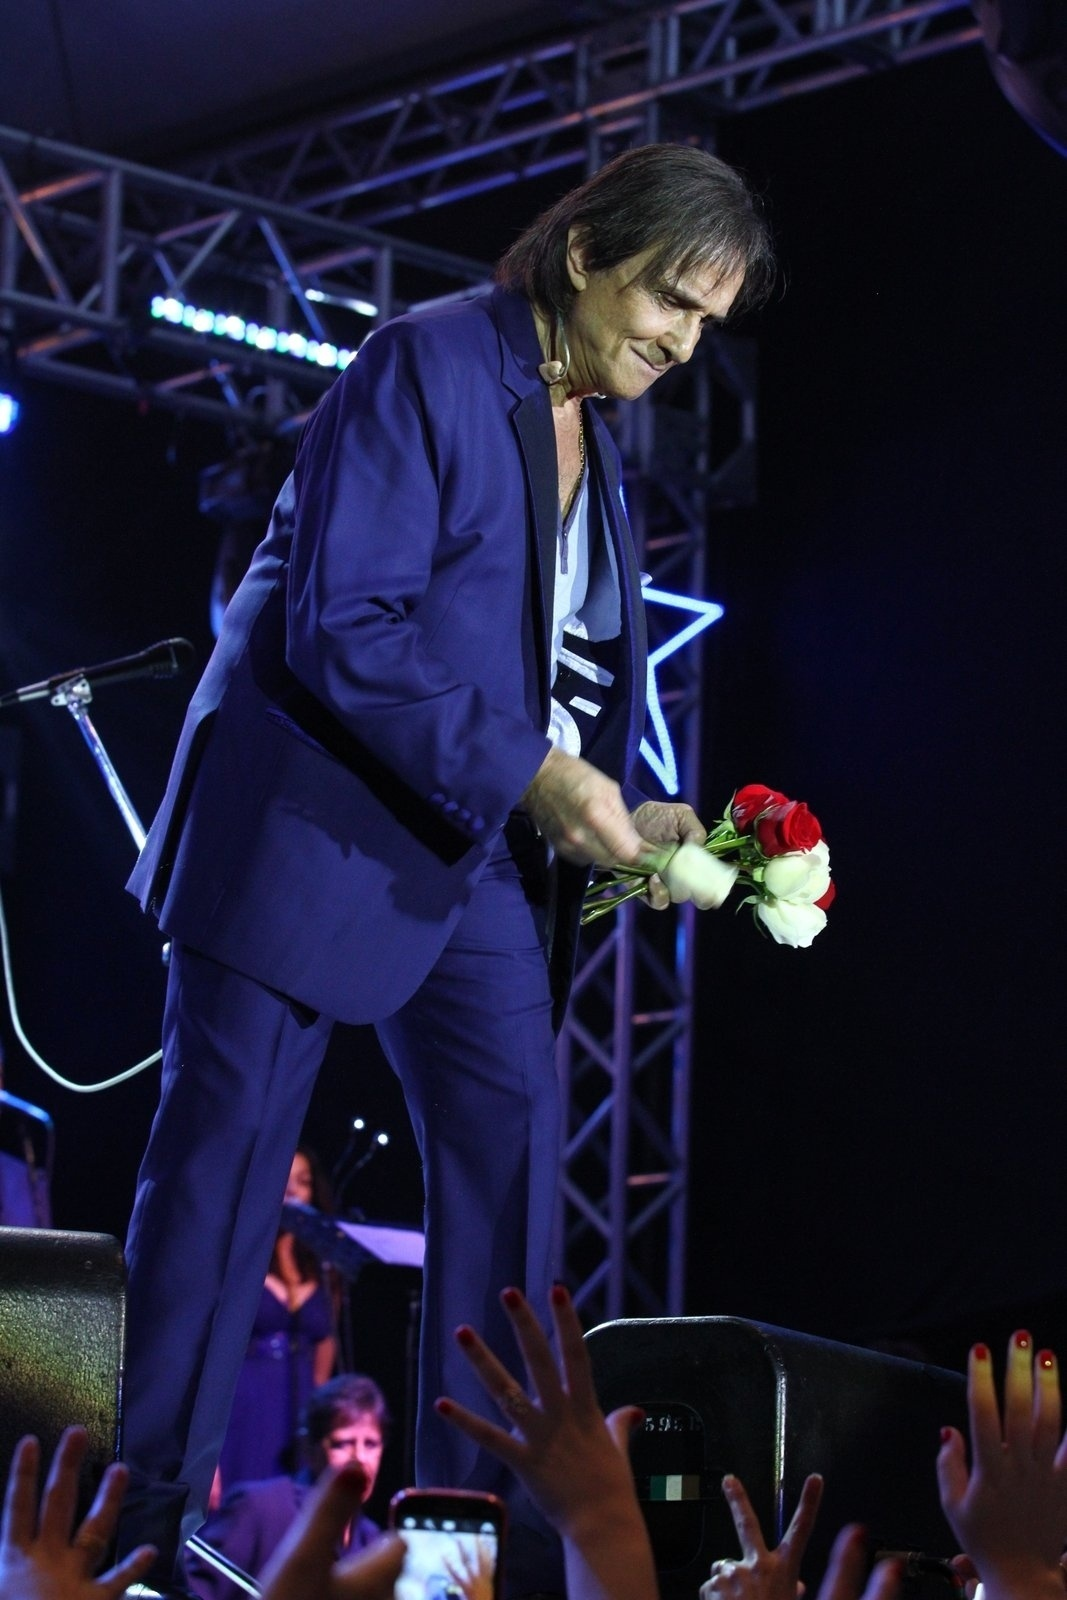 9.ago.2013 - Roberto Carlos beija e distribui suas tradicionais rosas ao fim da apresentação no Forte de Copacabana, Rio de Janeiro. O Rei cantou seus maiores sucessos acompanhado de orquestra e coral. O show faz parte de uma série de cinco apresentações na capital carioca